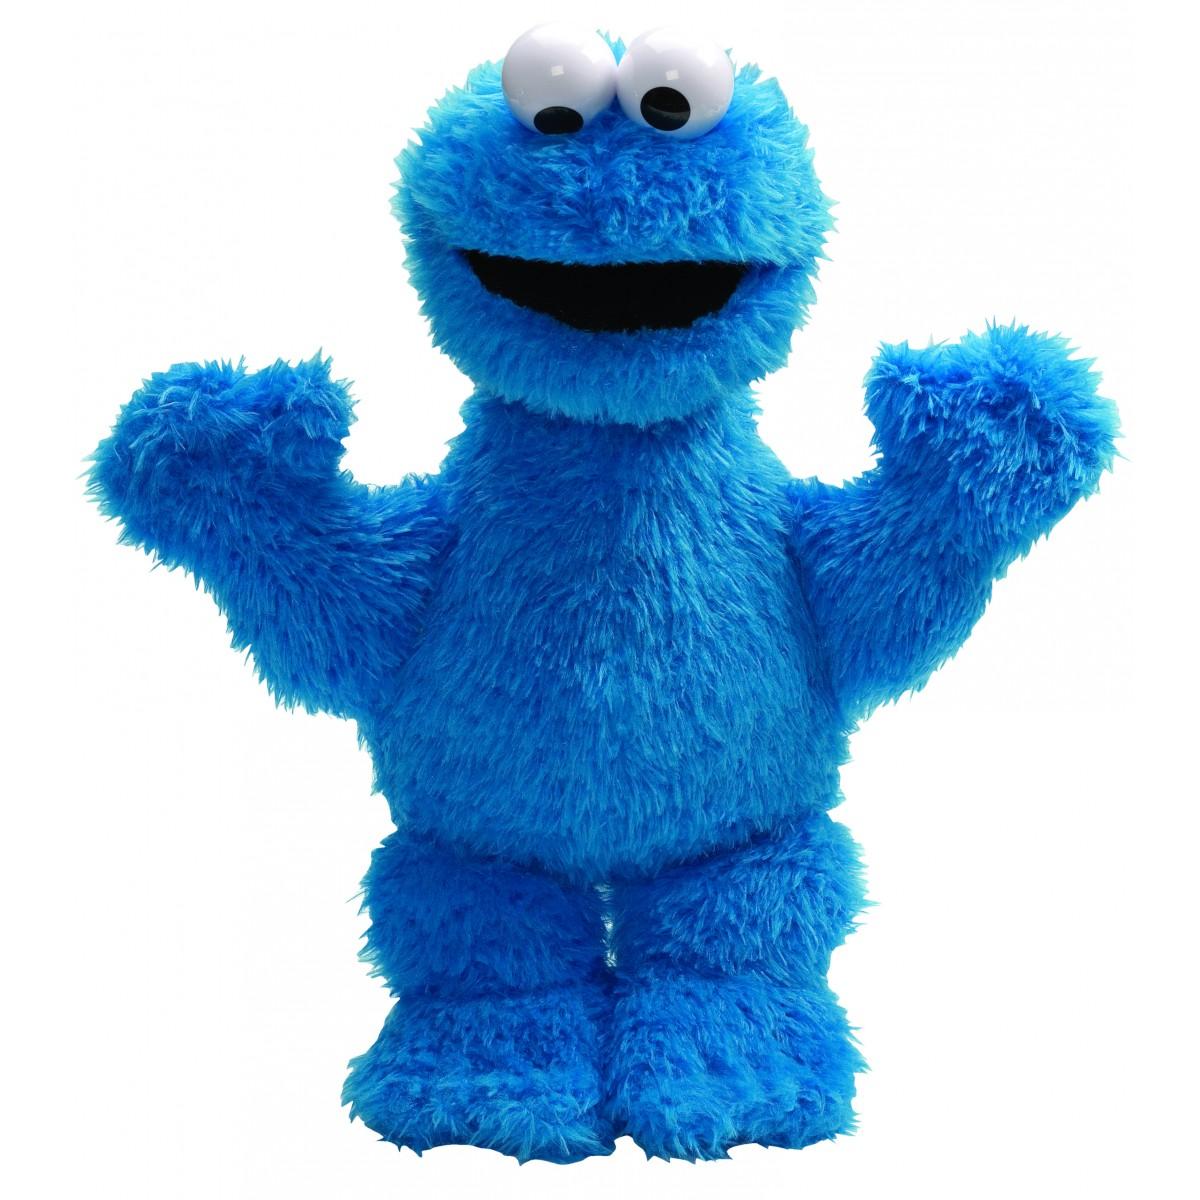 Monster clipart blue monster #12